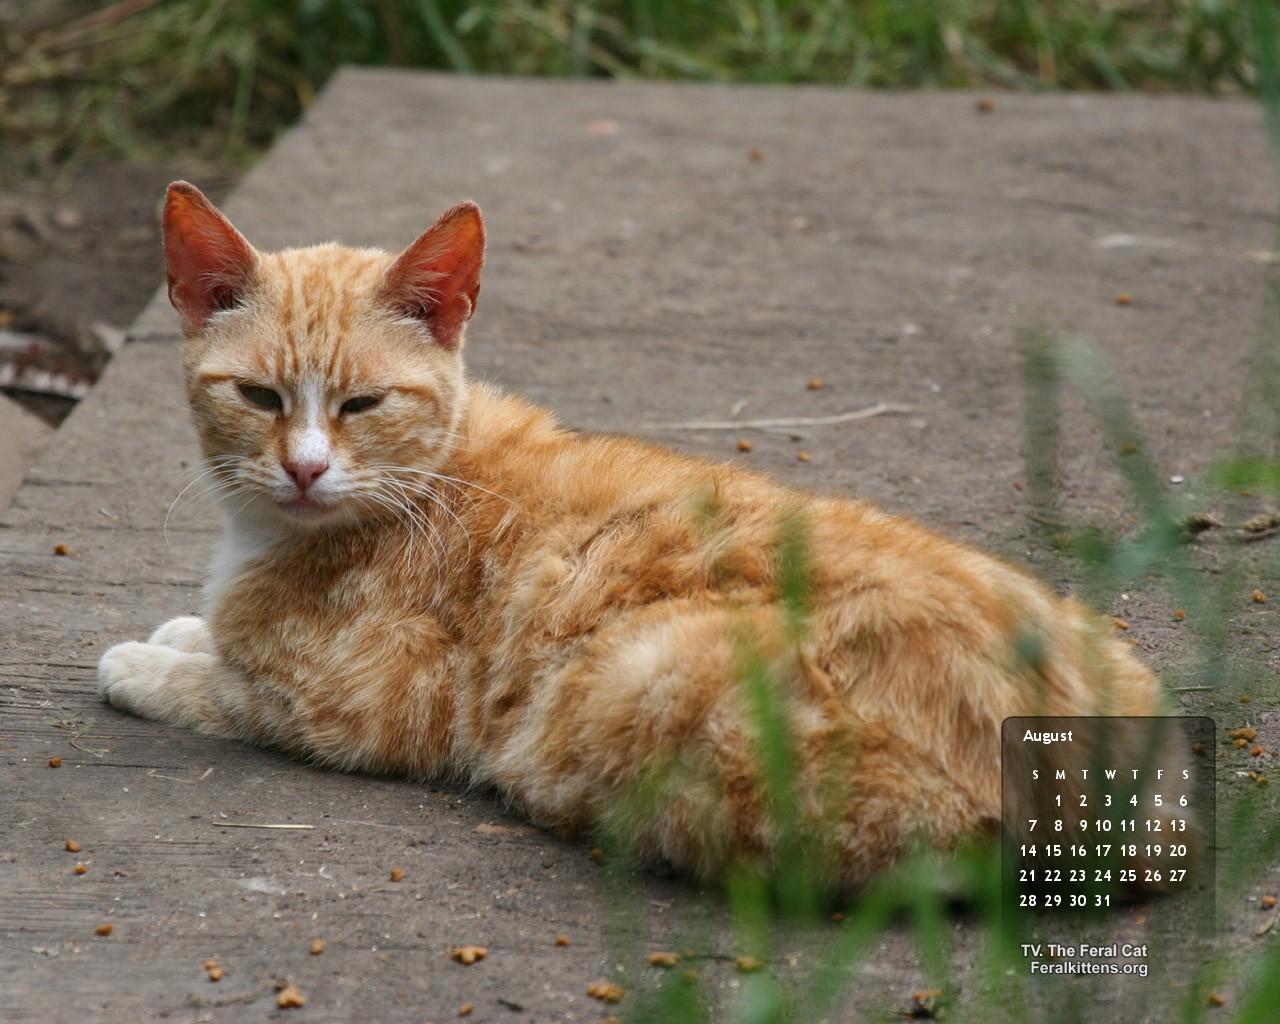 http://1.bp.blogspot.com/-NuTnm1hYDFo/Tjf2Ret-QcI/AAAAAAAACpY/jIEv2BBxfsc/s1600/August-cat-std.jpg